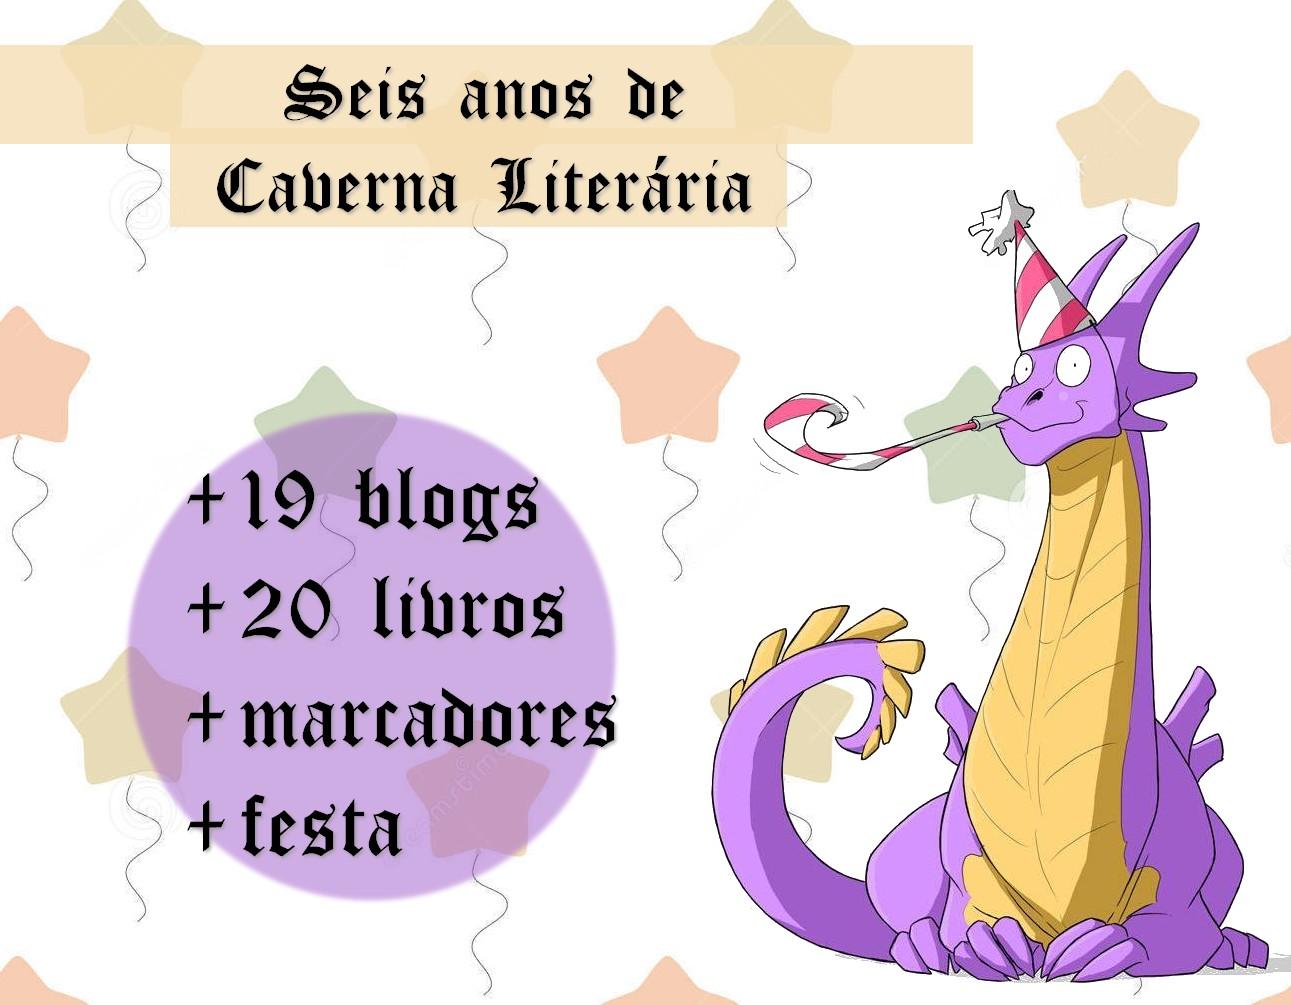 [SORTEIO] Aniversário de 6 anos do Caverna Literária